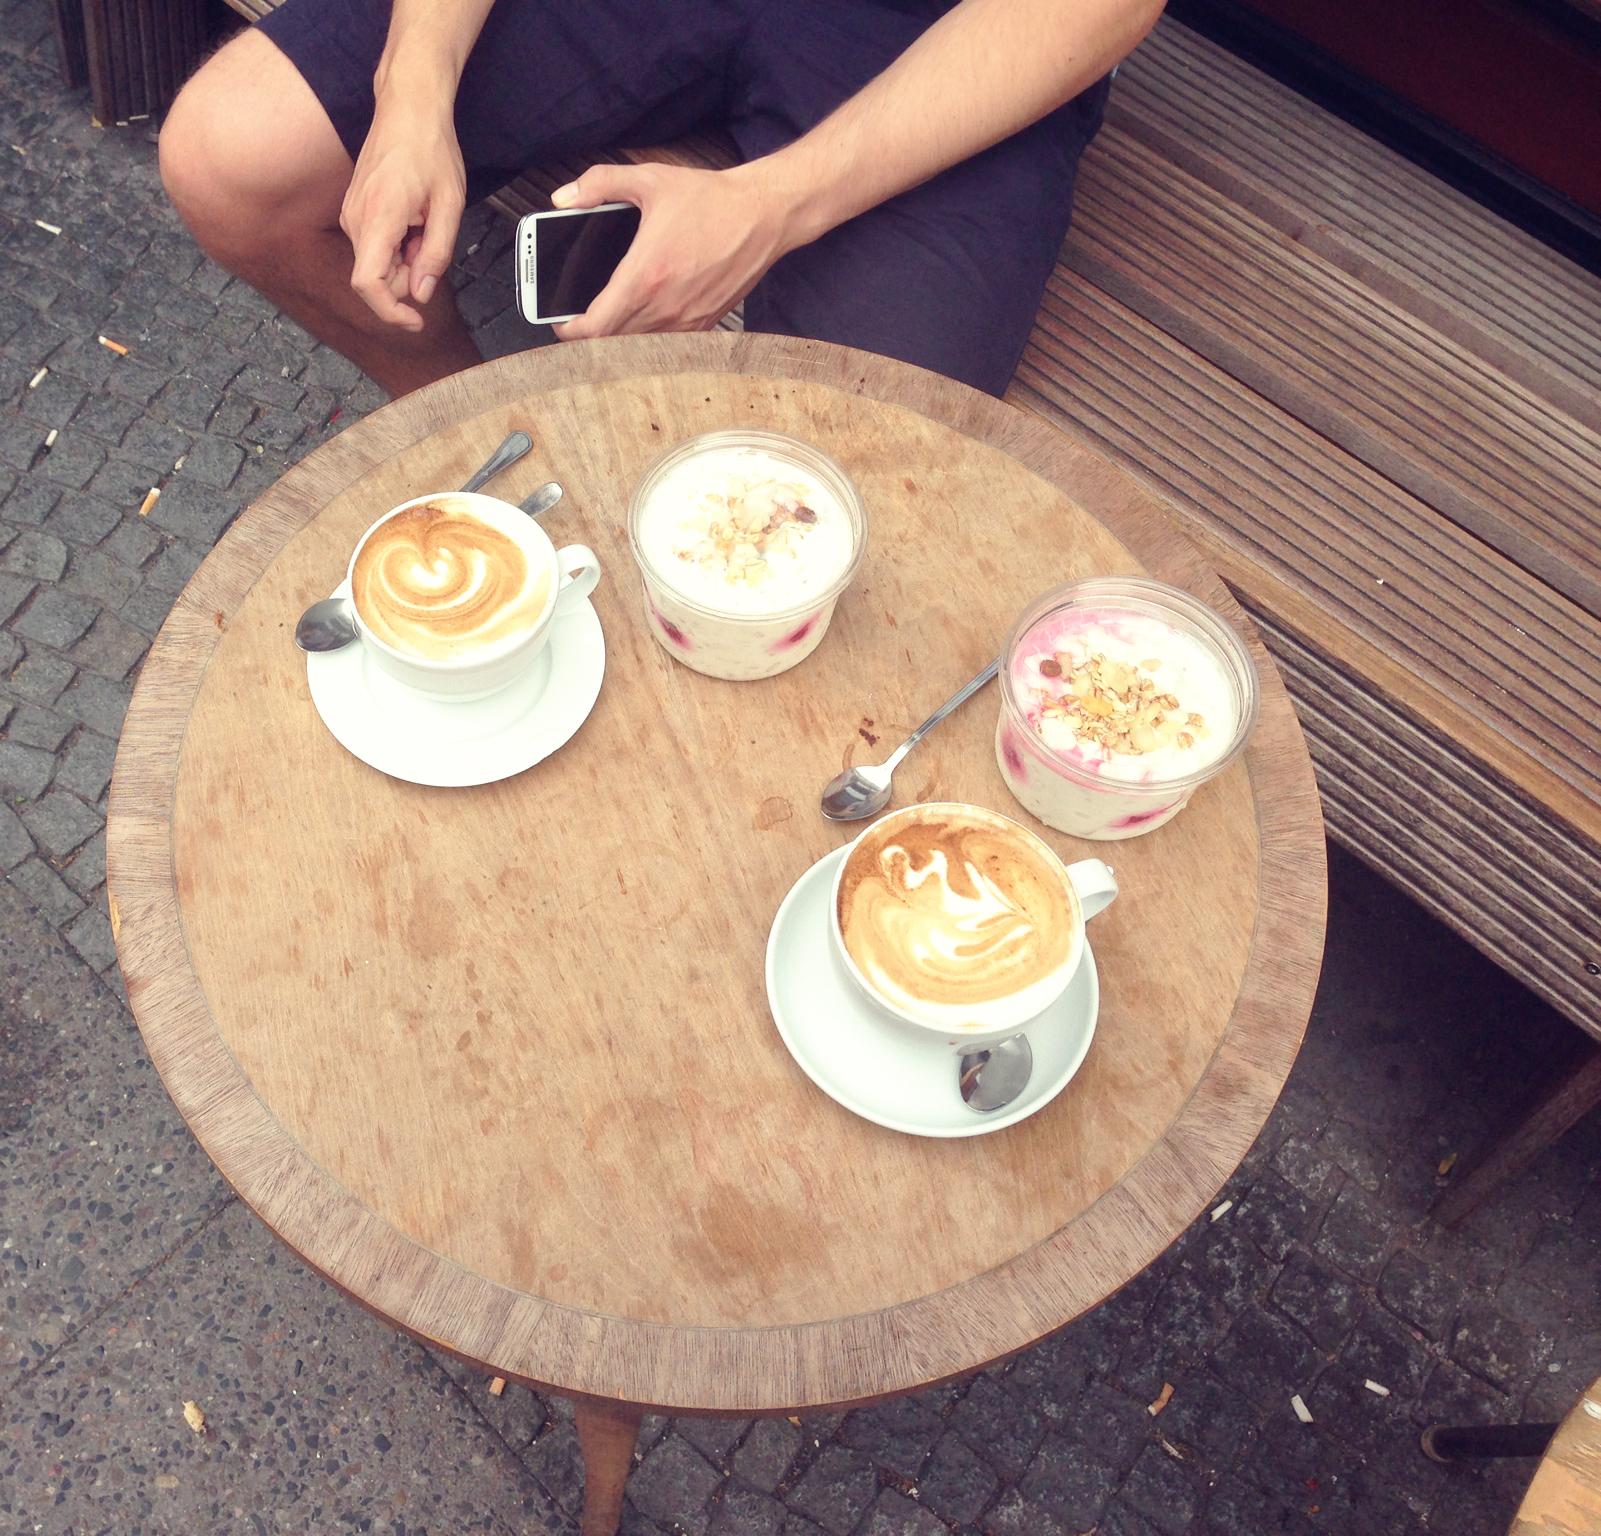 Es gibt immer die Zeit für einen Kaffee mit den Liebsten